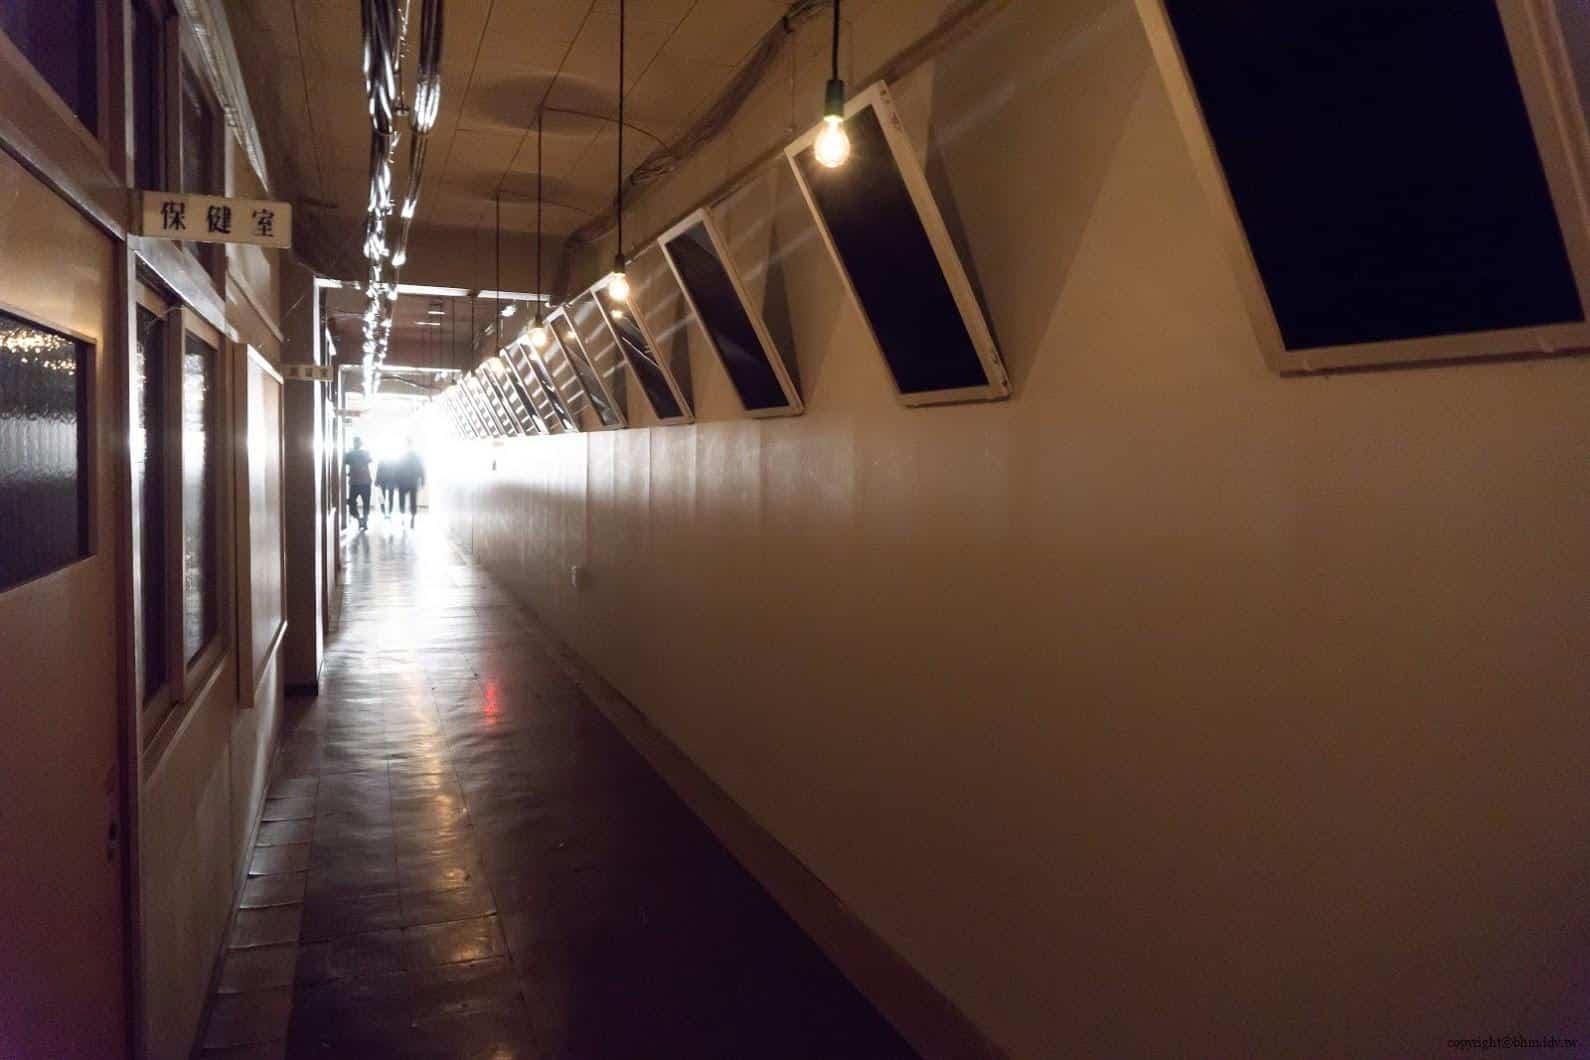 克利斯蒂安‧波爾坦斯基+將‧卡爾曼,最後的教室,教室走廊遠方強燈將一旁沒有照片相框凸顯出來 最後的教室 最後的教室 the last class 03